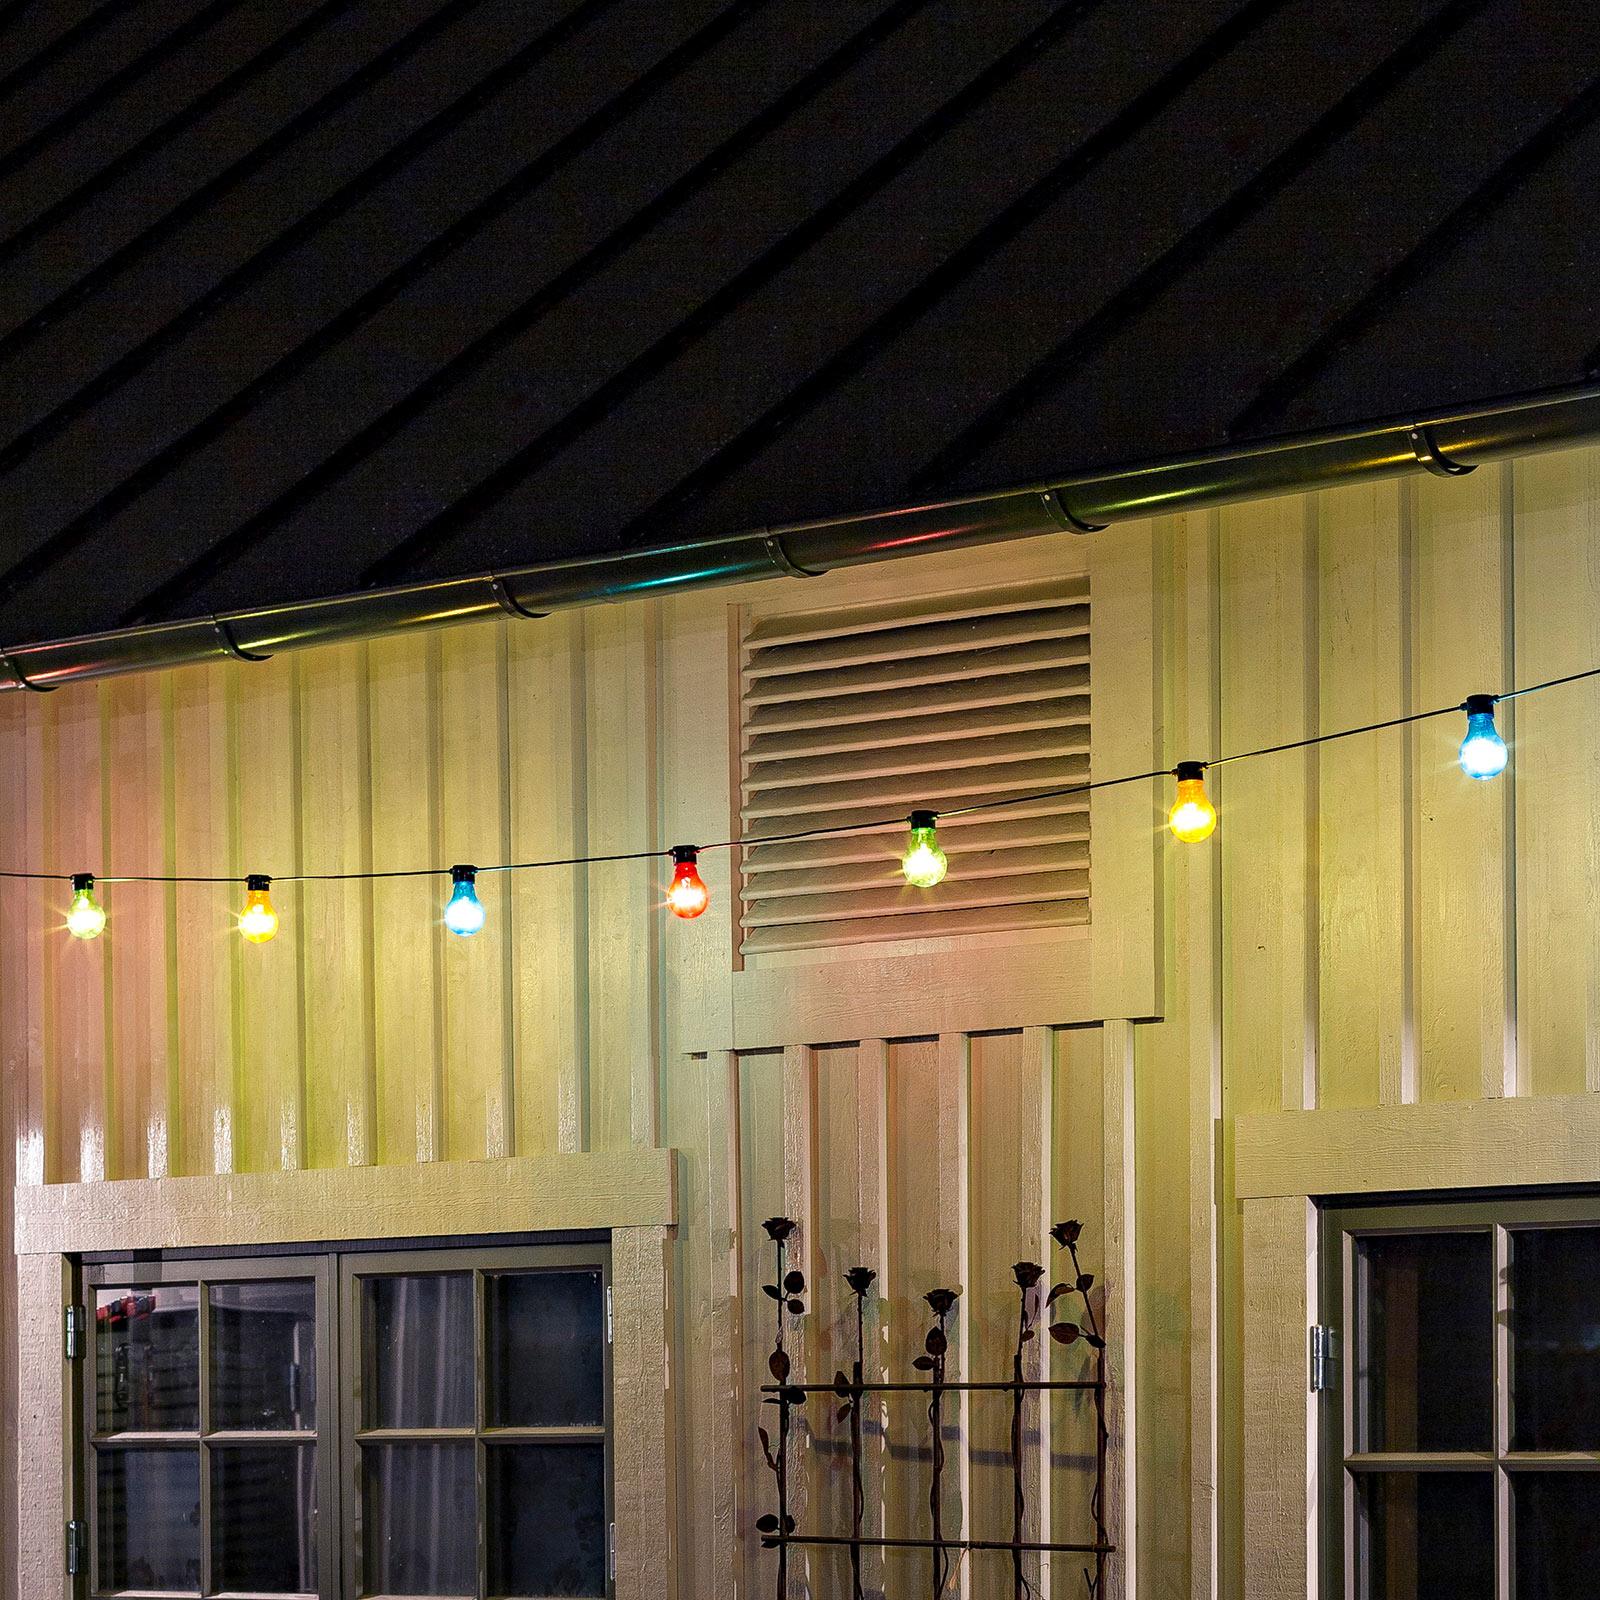 Lyslenke Biergarten 20 fargerike LED-pærer